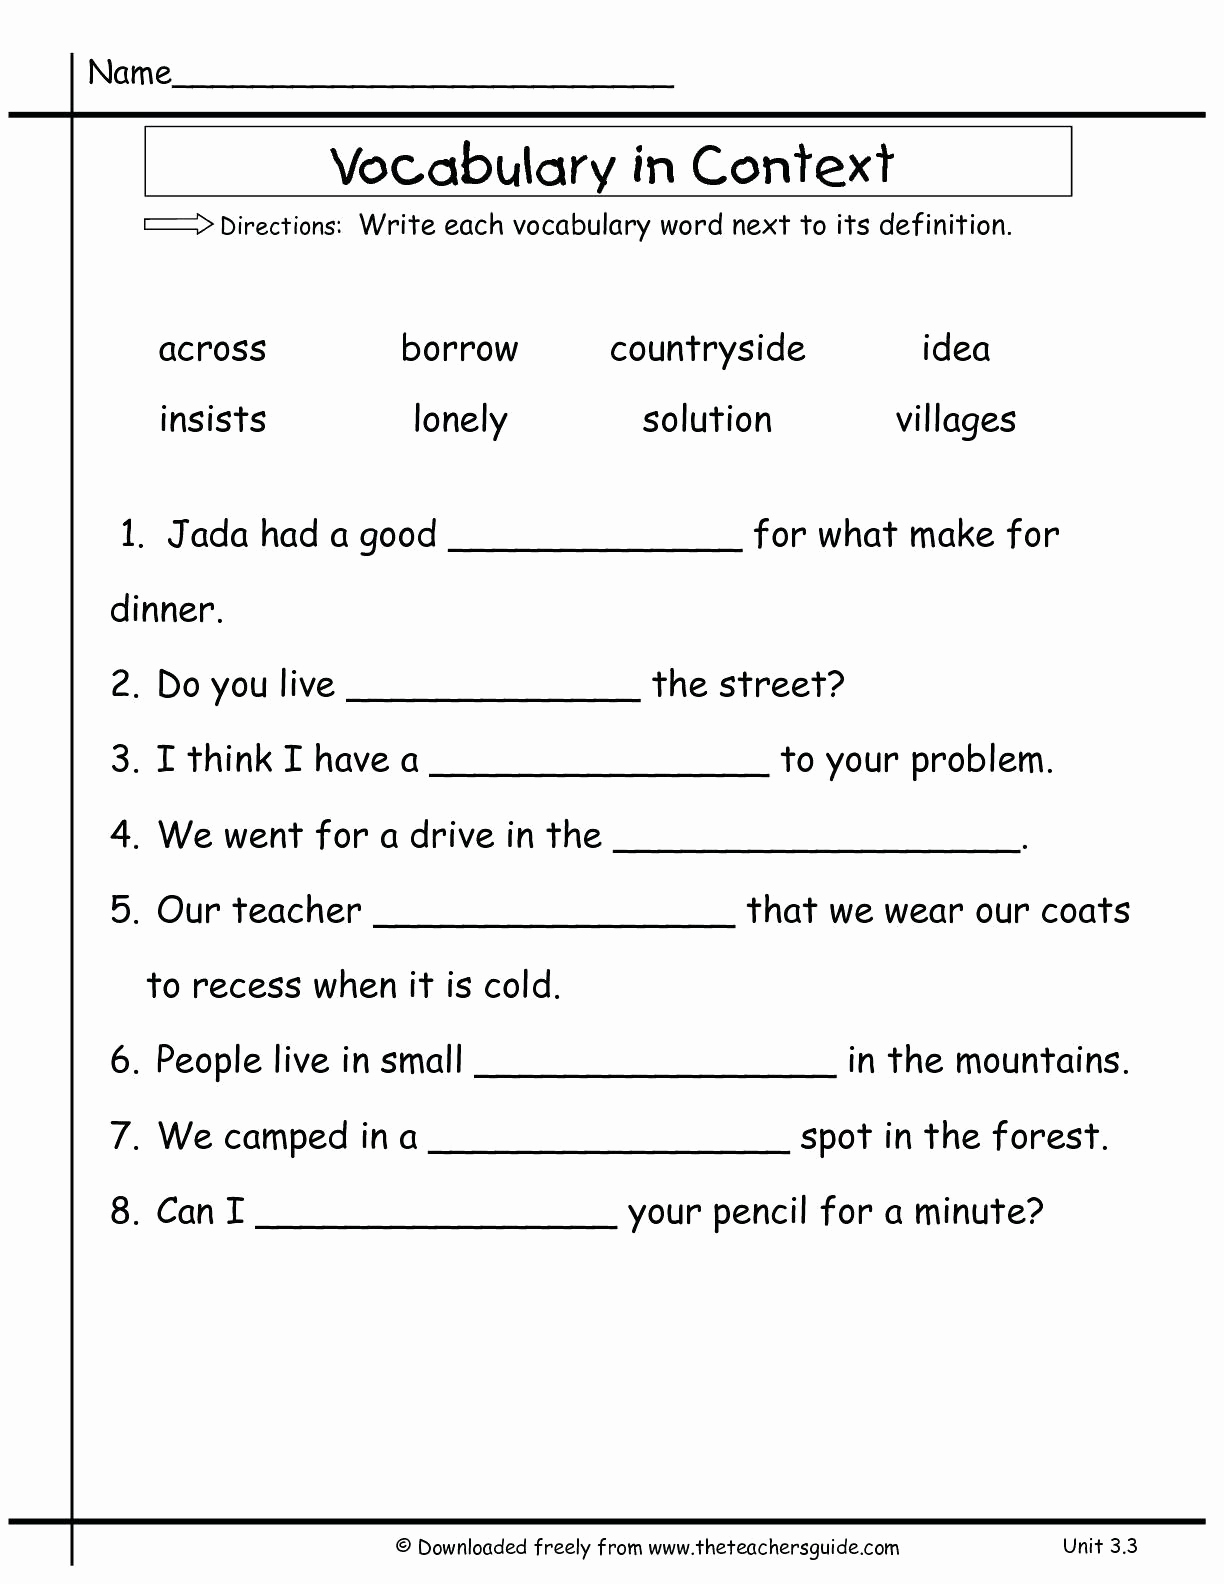 Context Clues Worksheets Second Grade Unique 20 Context Clues Worksheets 2nd Grade